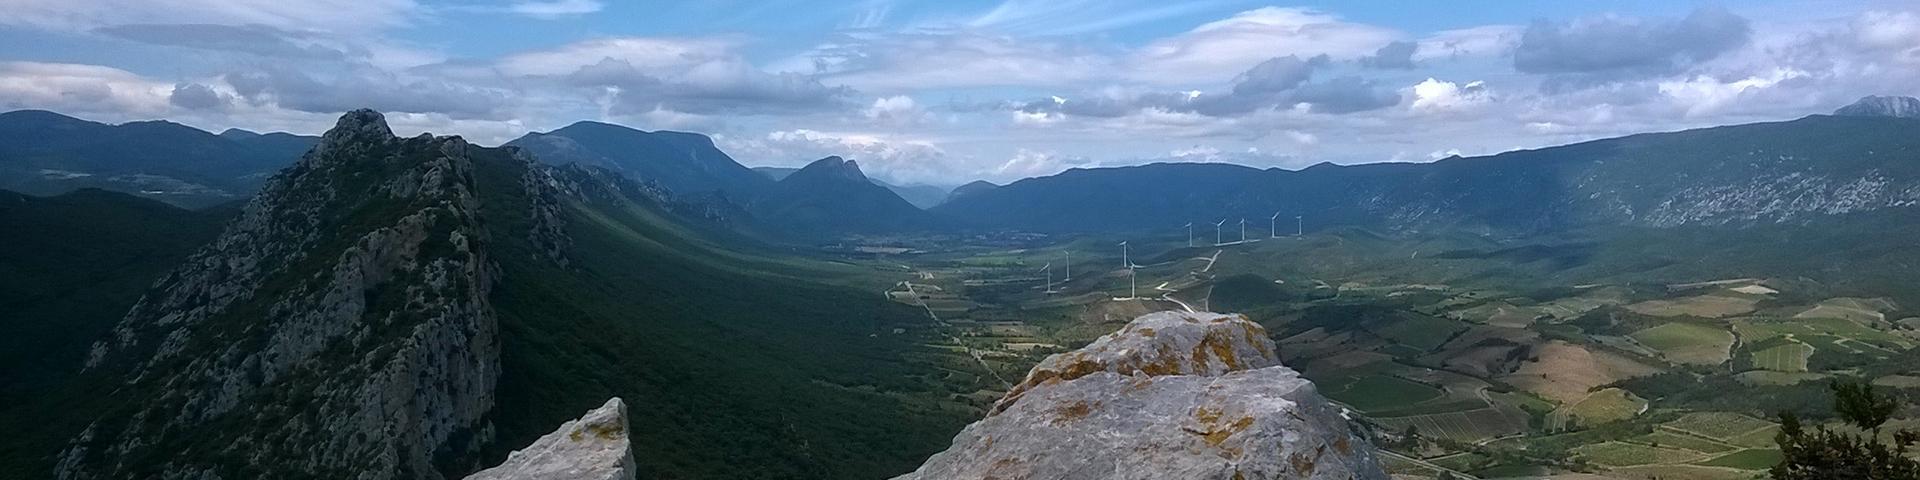 Eoliennes en Fenouillèdes, Pyrénées-Orientales